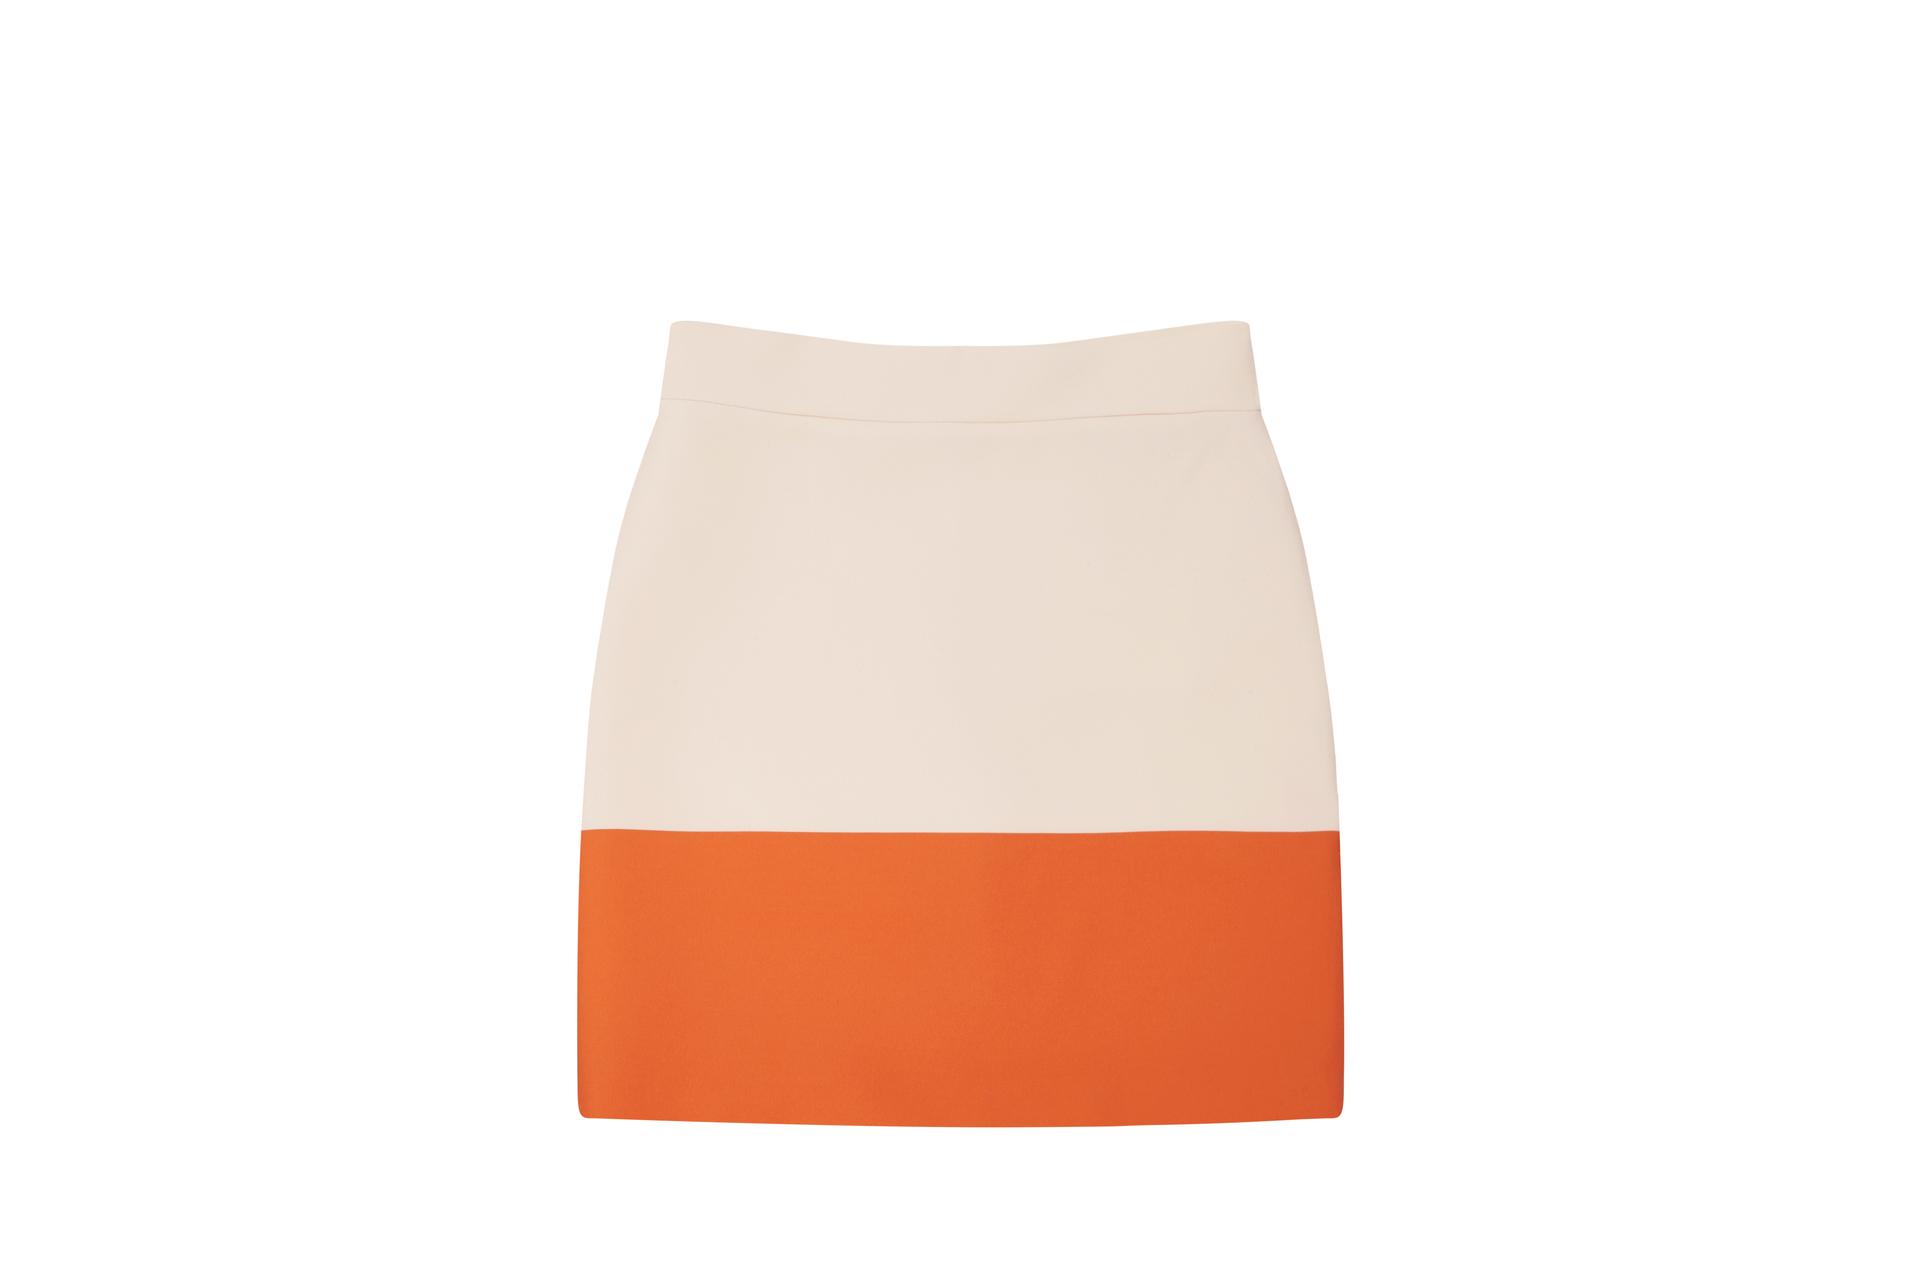 72dpi-2391734c02-43.-BY-JOHNNY,-Bold-Colour-Mini-Skirt-Flesh-Tangerine,-250,-www.byjohnny.com.au